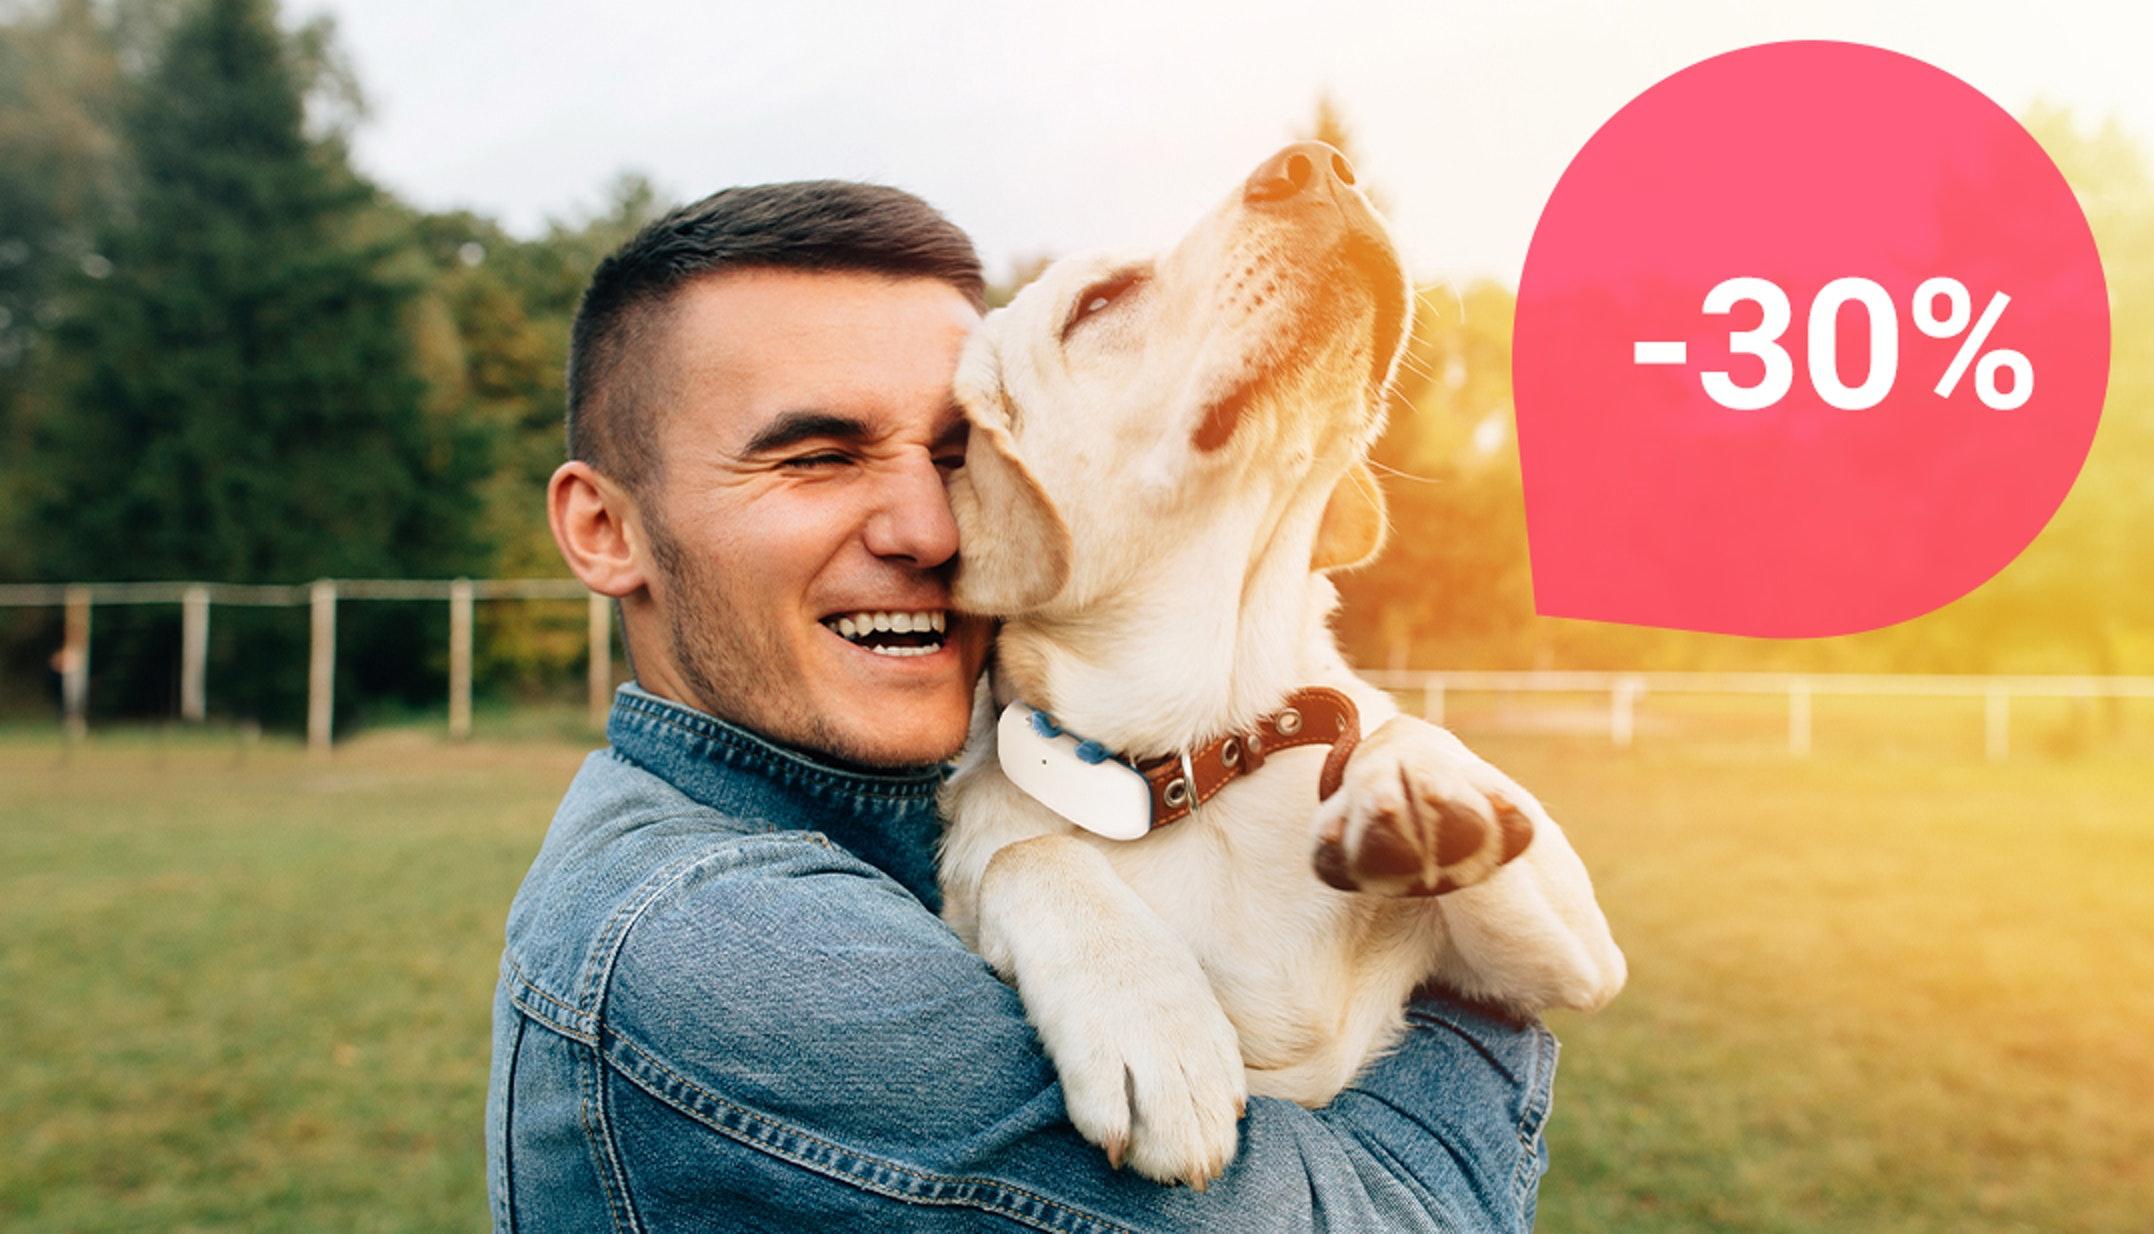 Qualsiasi cosa tu decida di fare questa Pasqua, sappi che il tuo cane è al sicuro con il 30% di sconto su Tractive GPS.